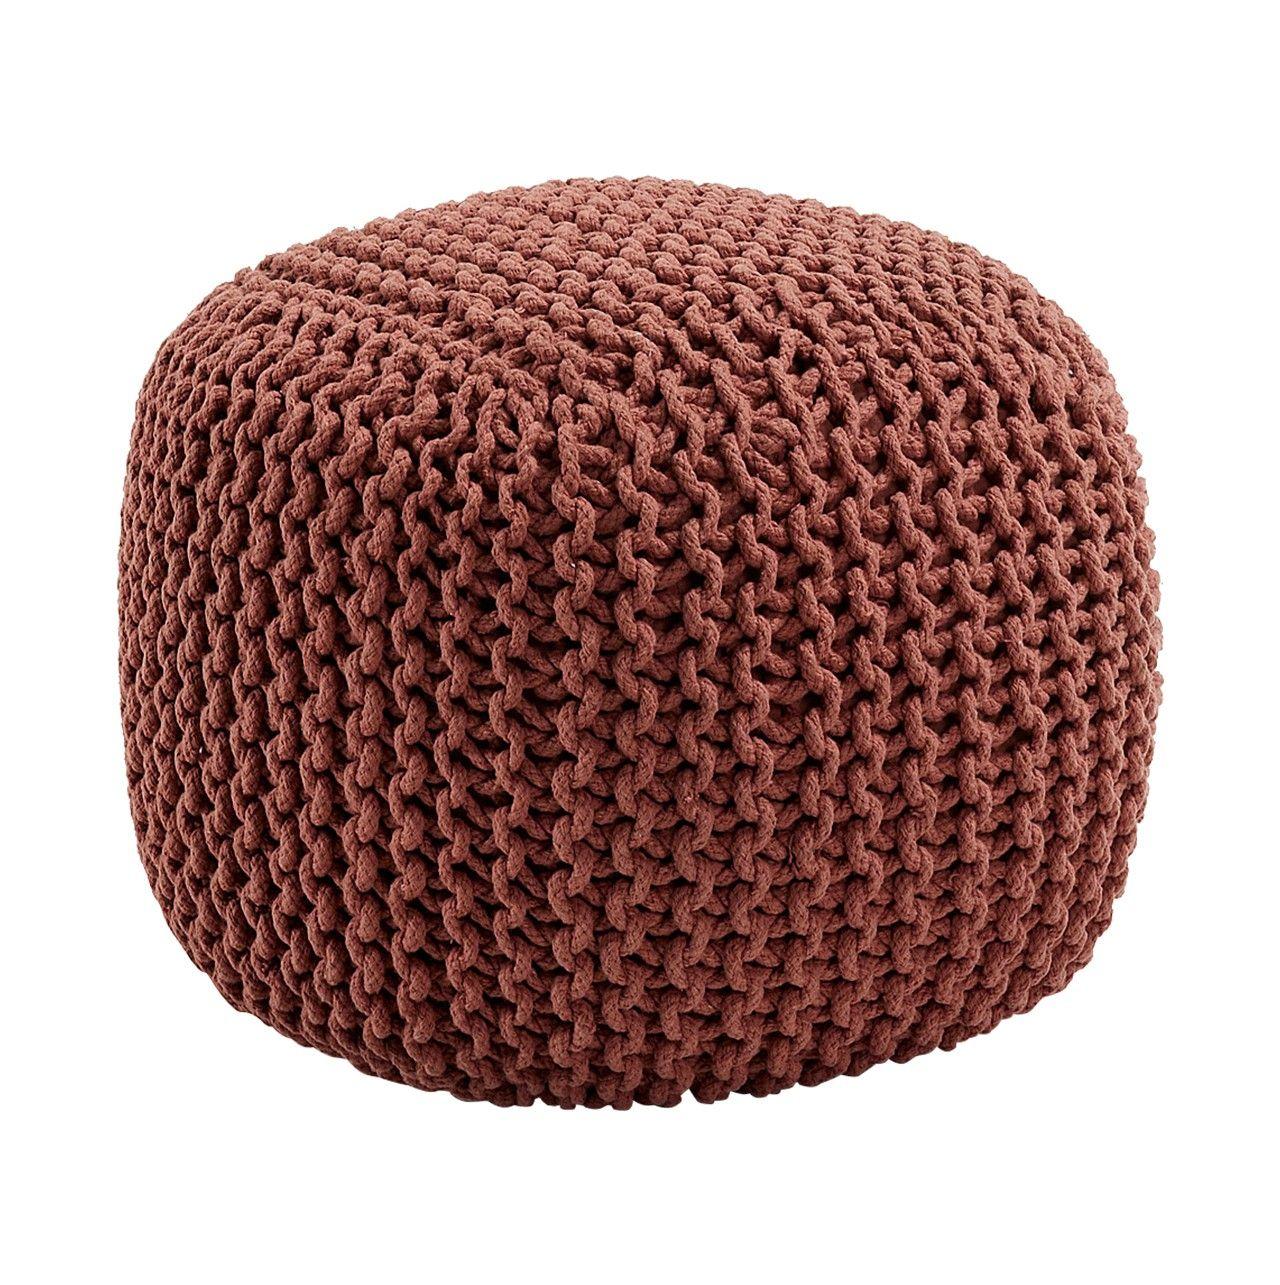 Puff cuadrado en tricot color marr n marr n for Puff cuadrados